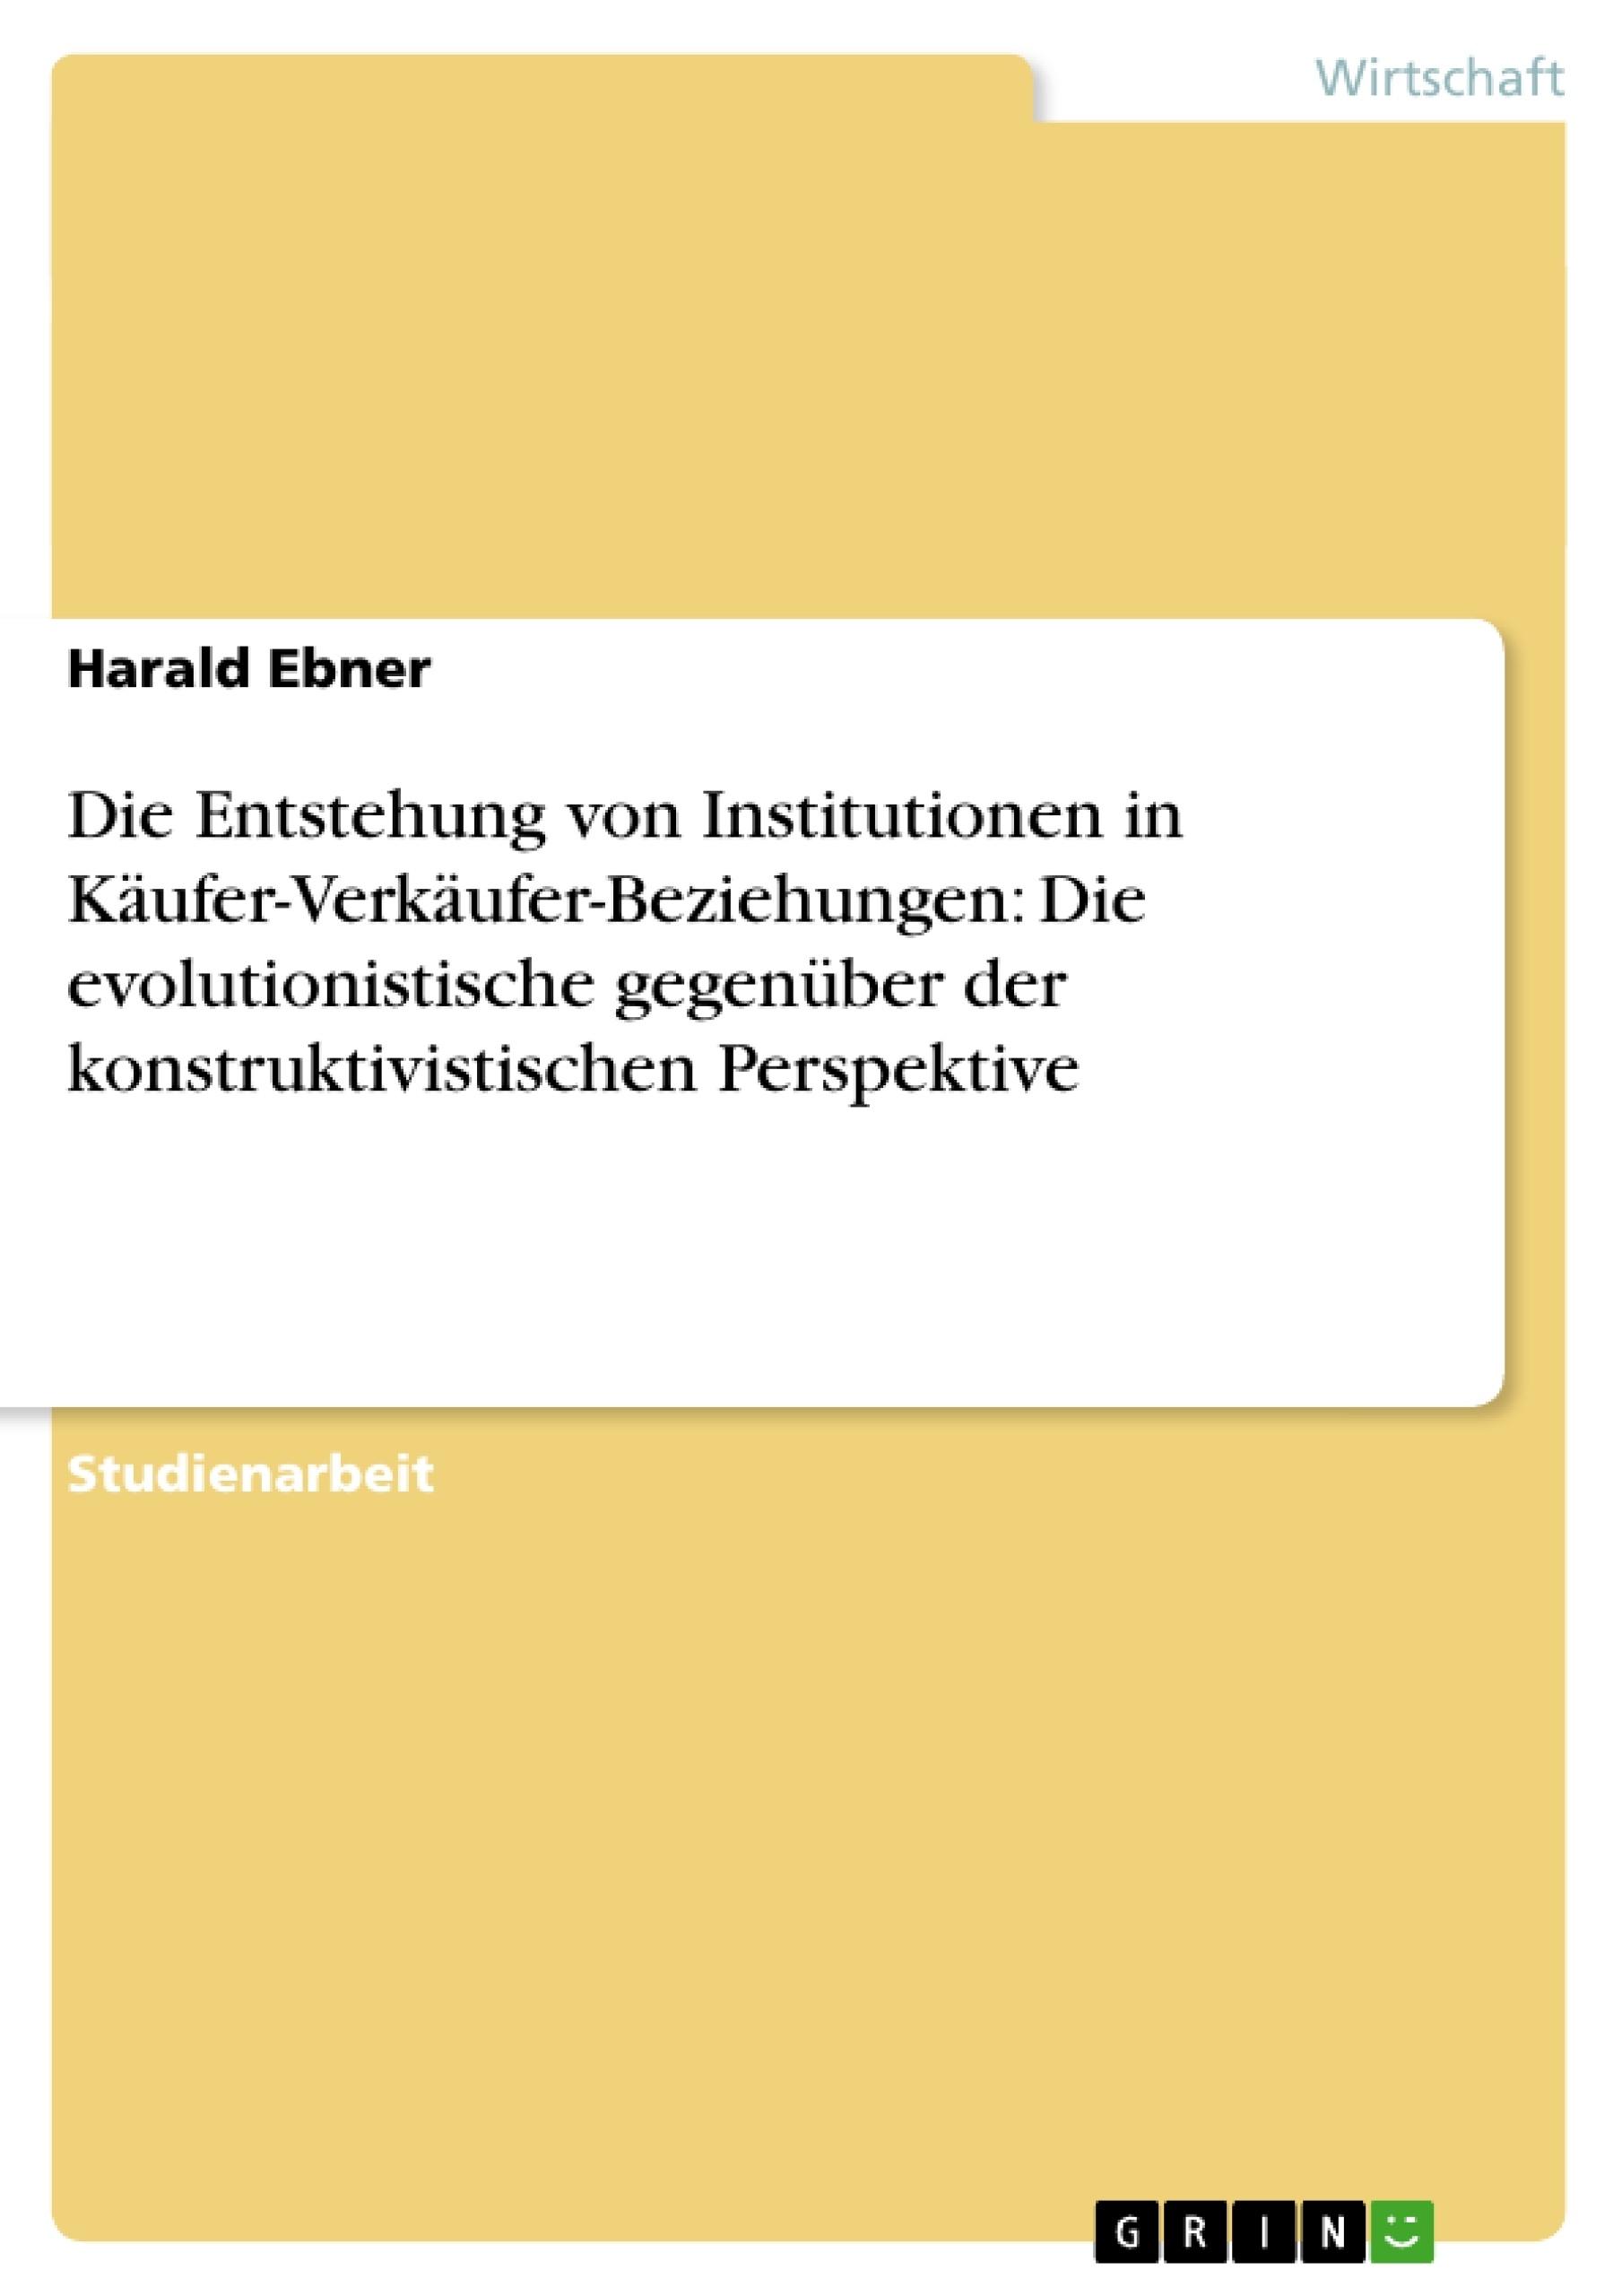 Titel: Die Entstehung von Institutionen in Käufer-Verkäufer-Beziehungen: Die evolutionistische gegenüber der konstruktivistischen Perspektive